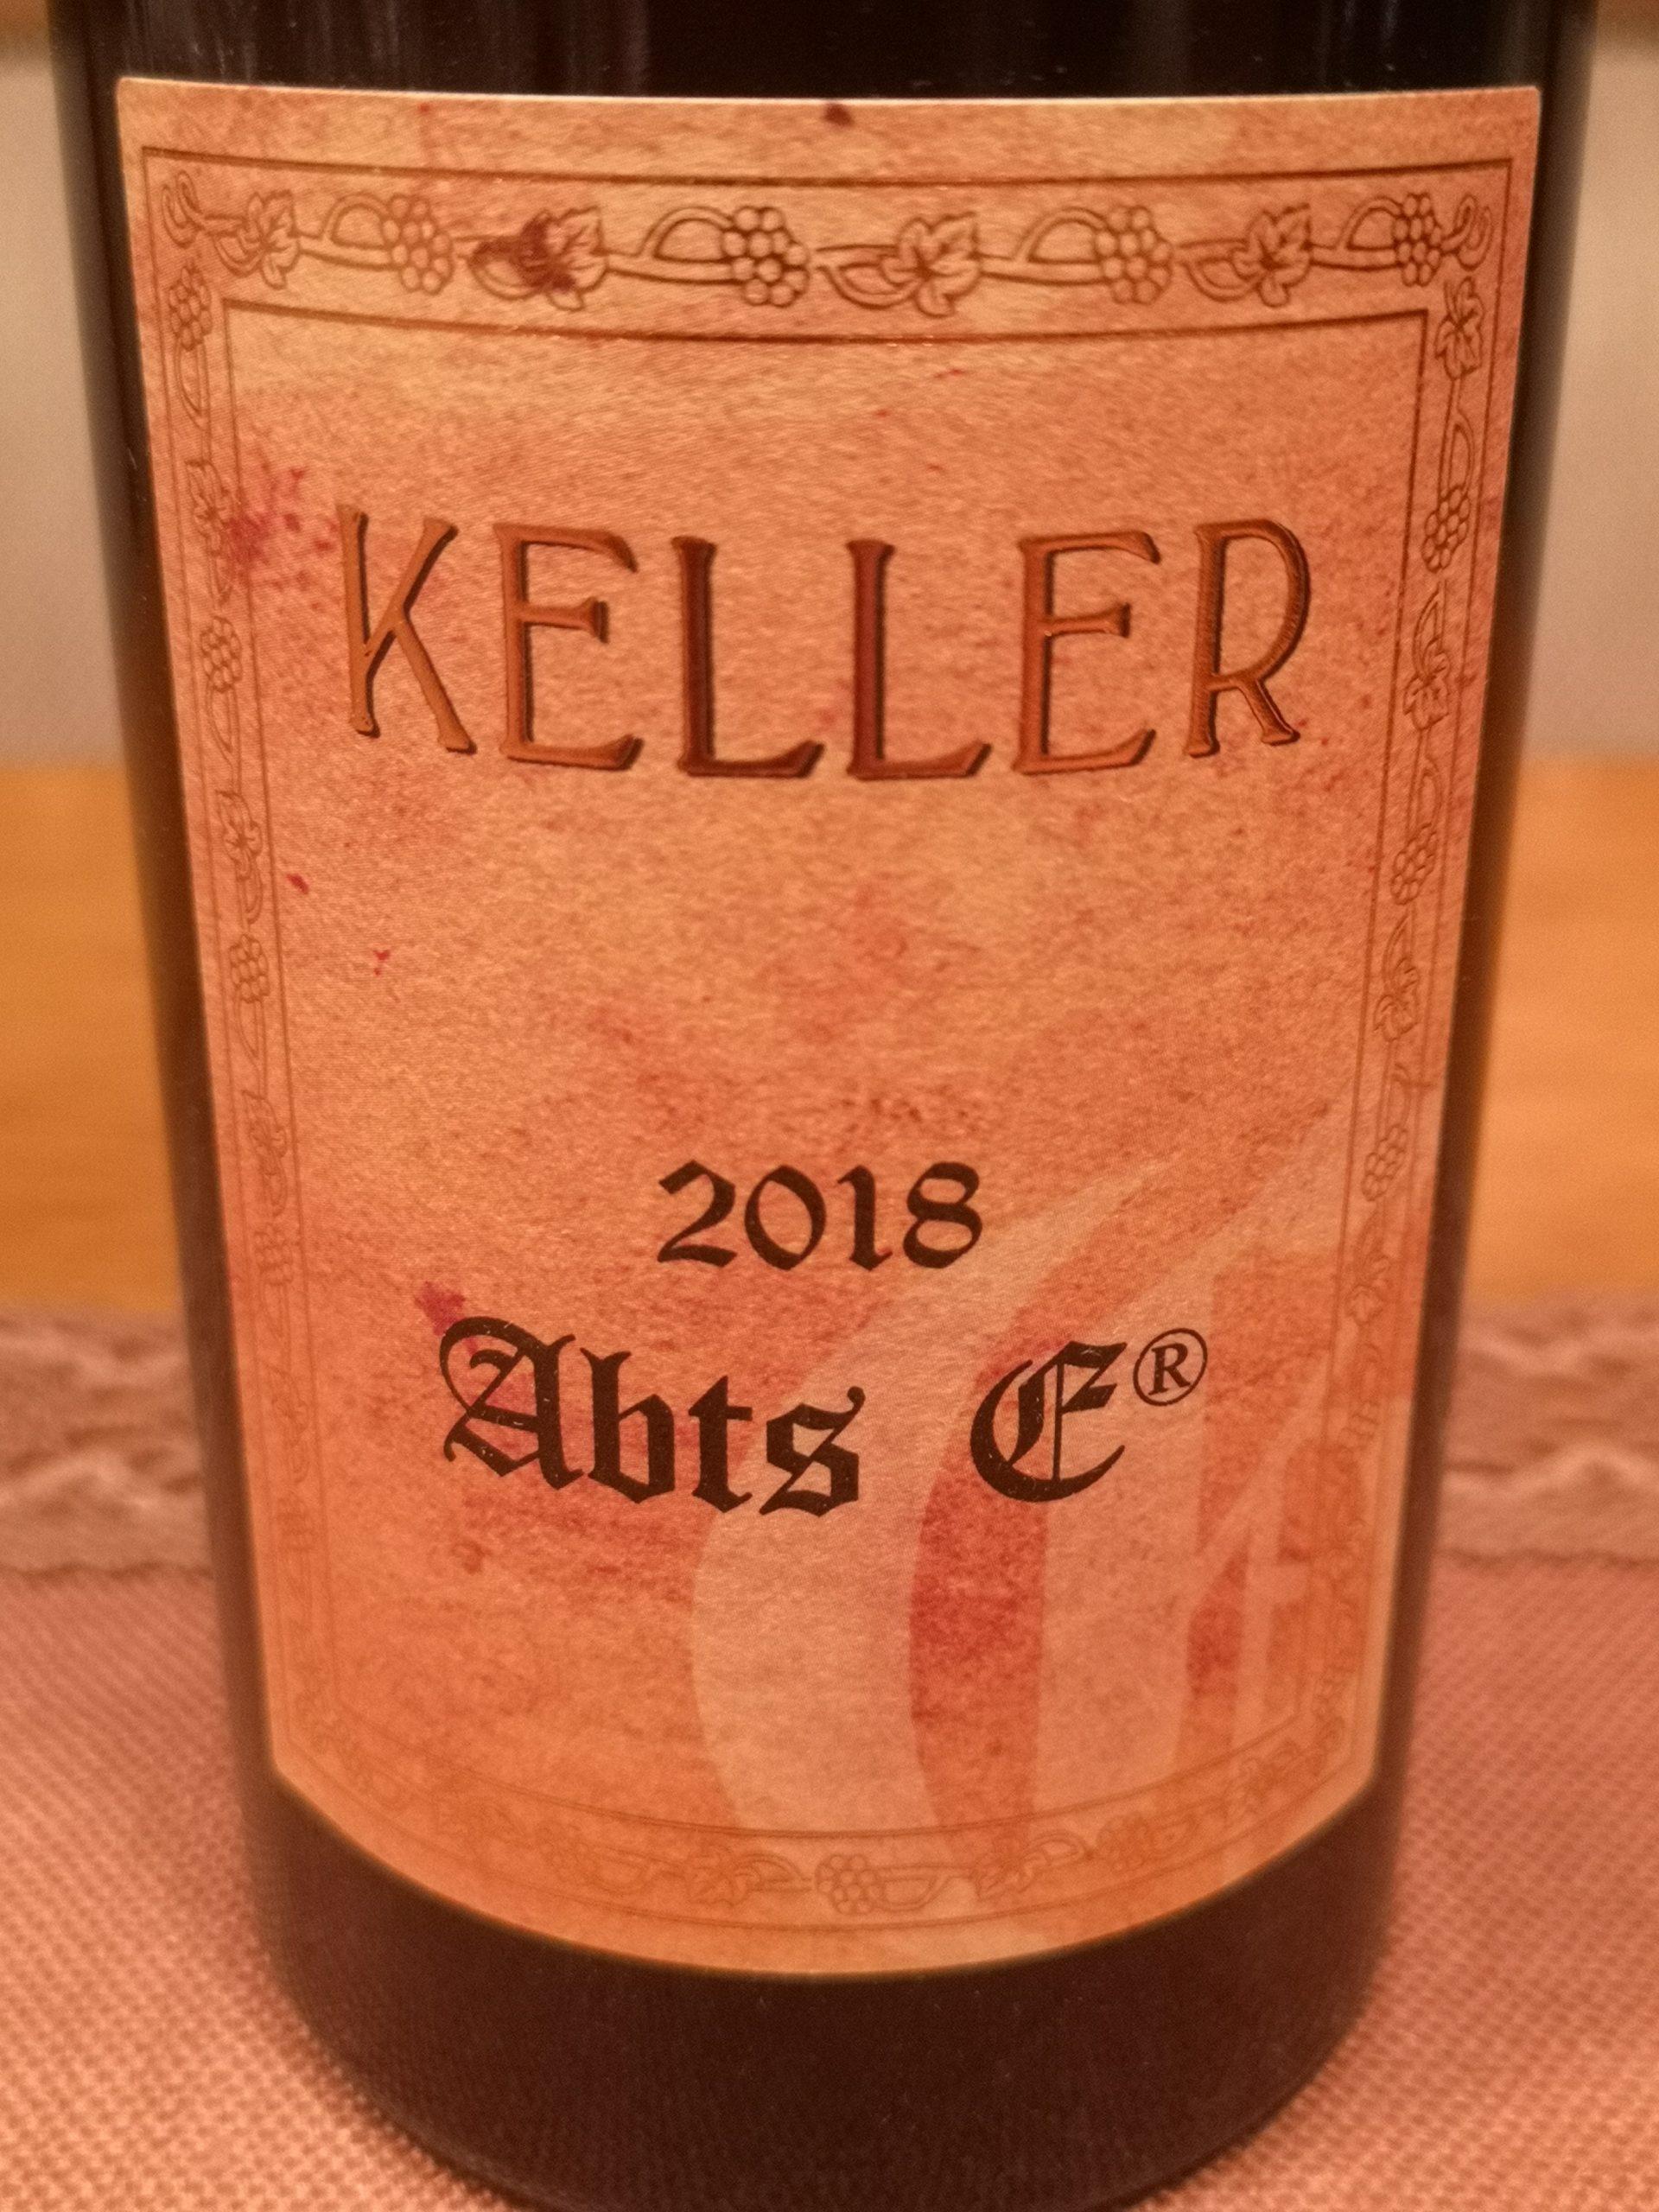 2018 Riesling Abtserde | Keller